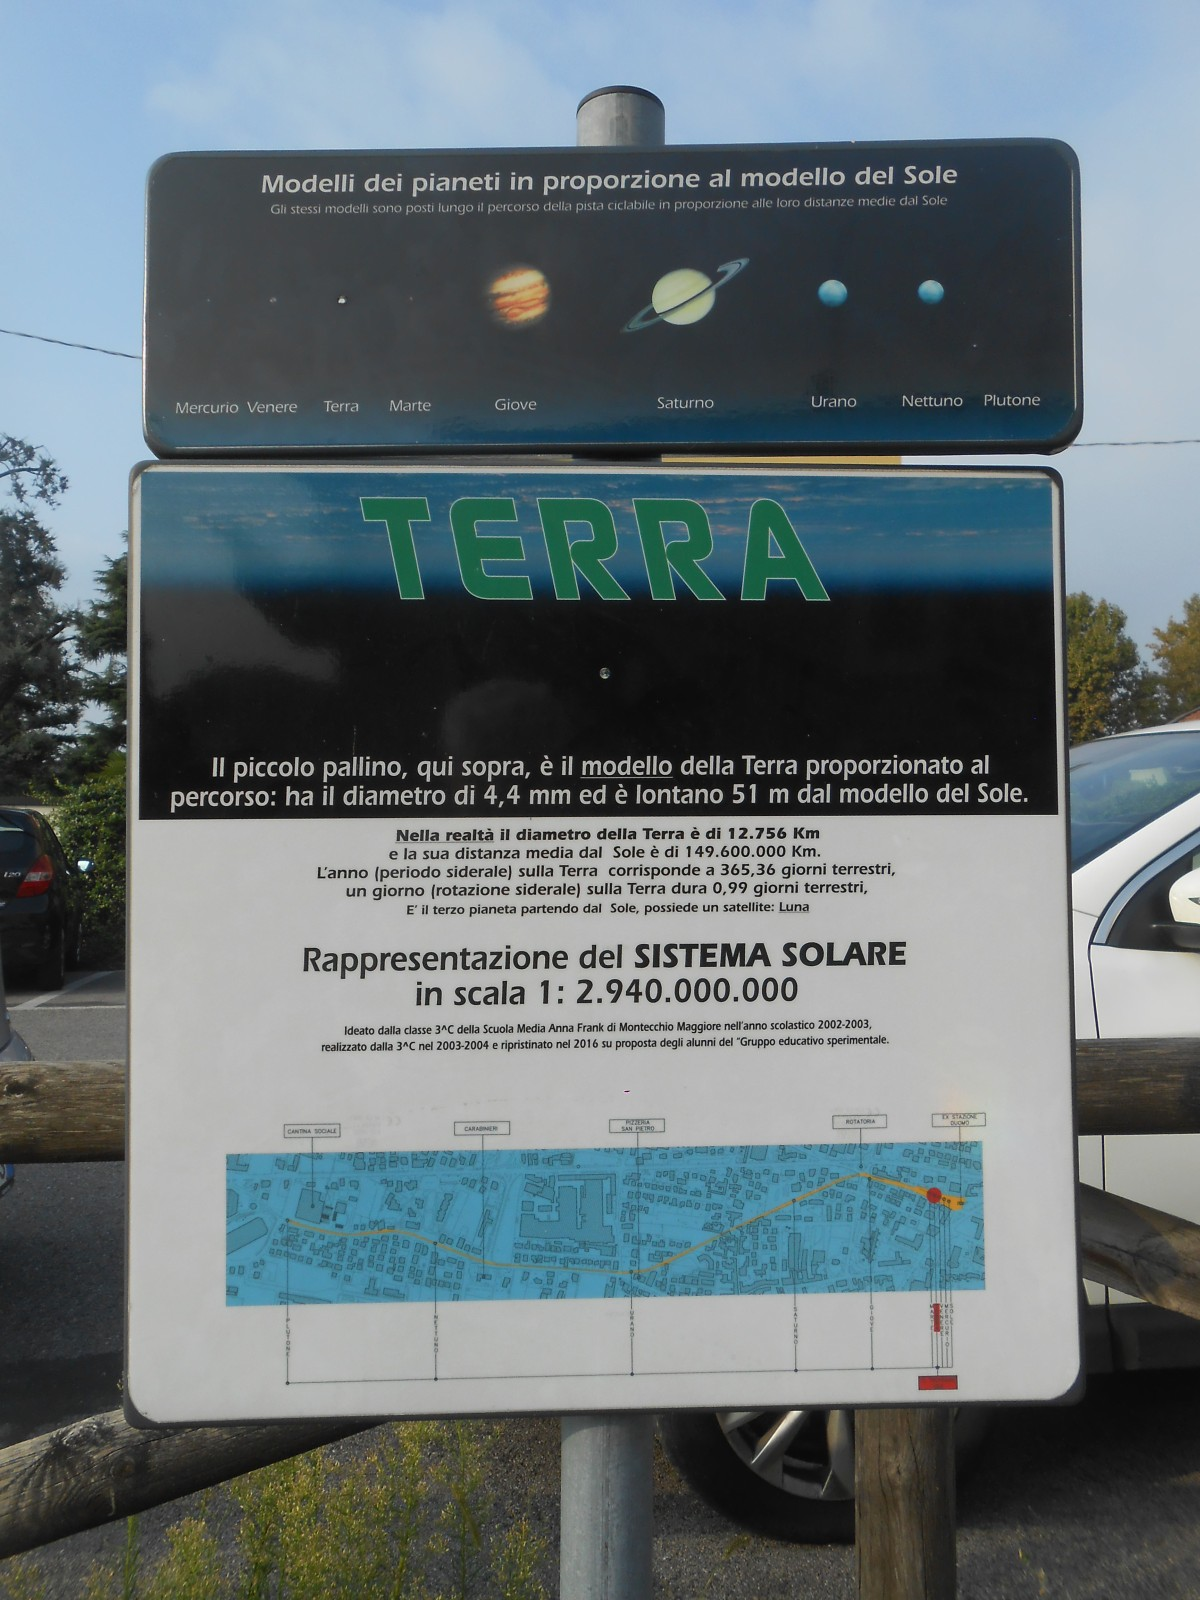 sistema solare: terra (Montecchio Maggiore)